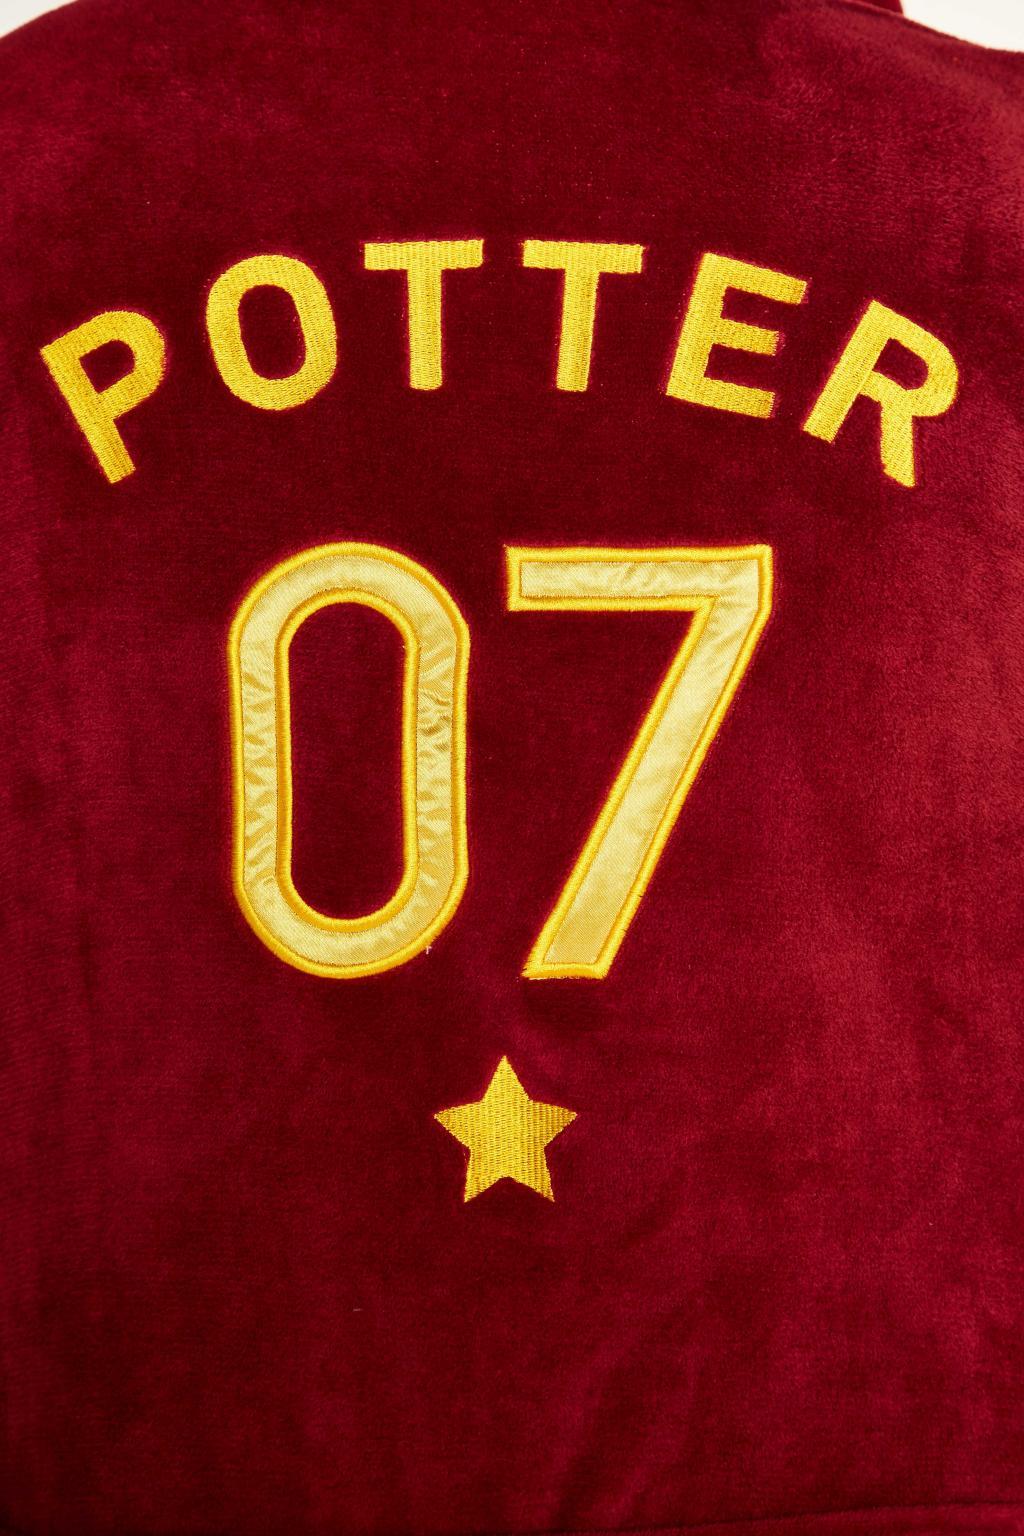 HARRY POTTER - Peignoir Homme - Quidditch - Adulte - Taille Unique_5